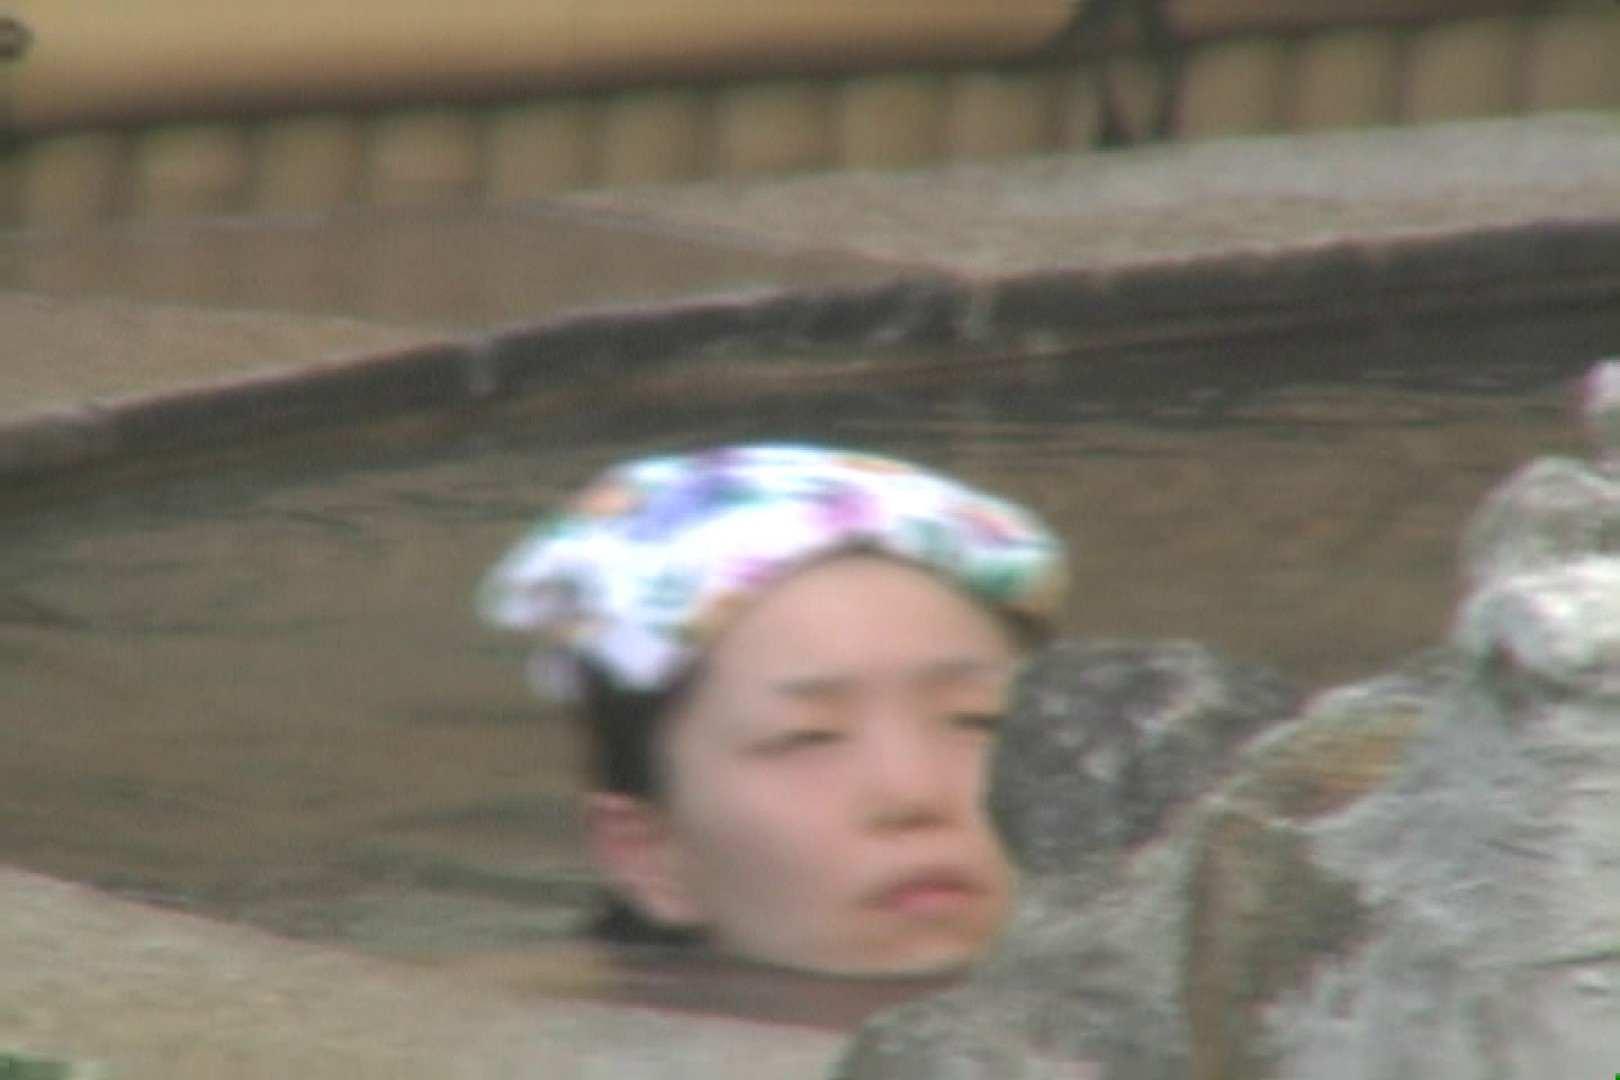 Aquaな露天風呂Vol.577 盗撮 | OLのエロ生活  44連発 28